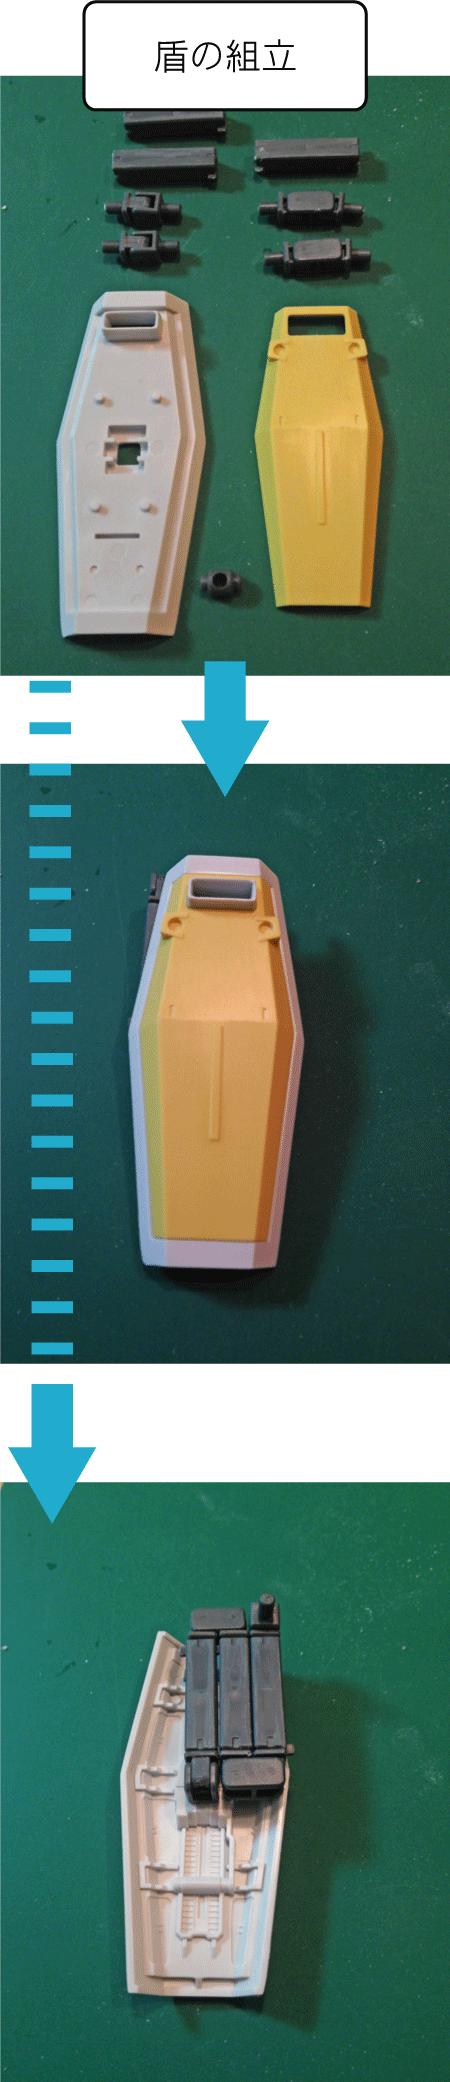 HG パワジムカーディガン 盾の組立